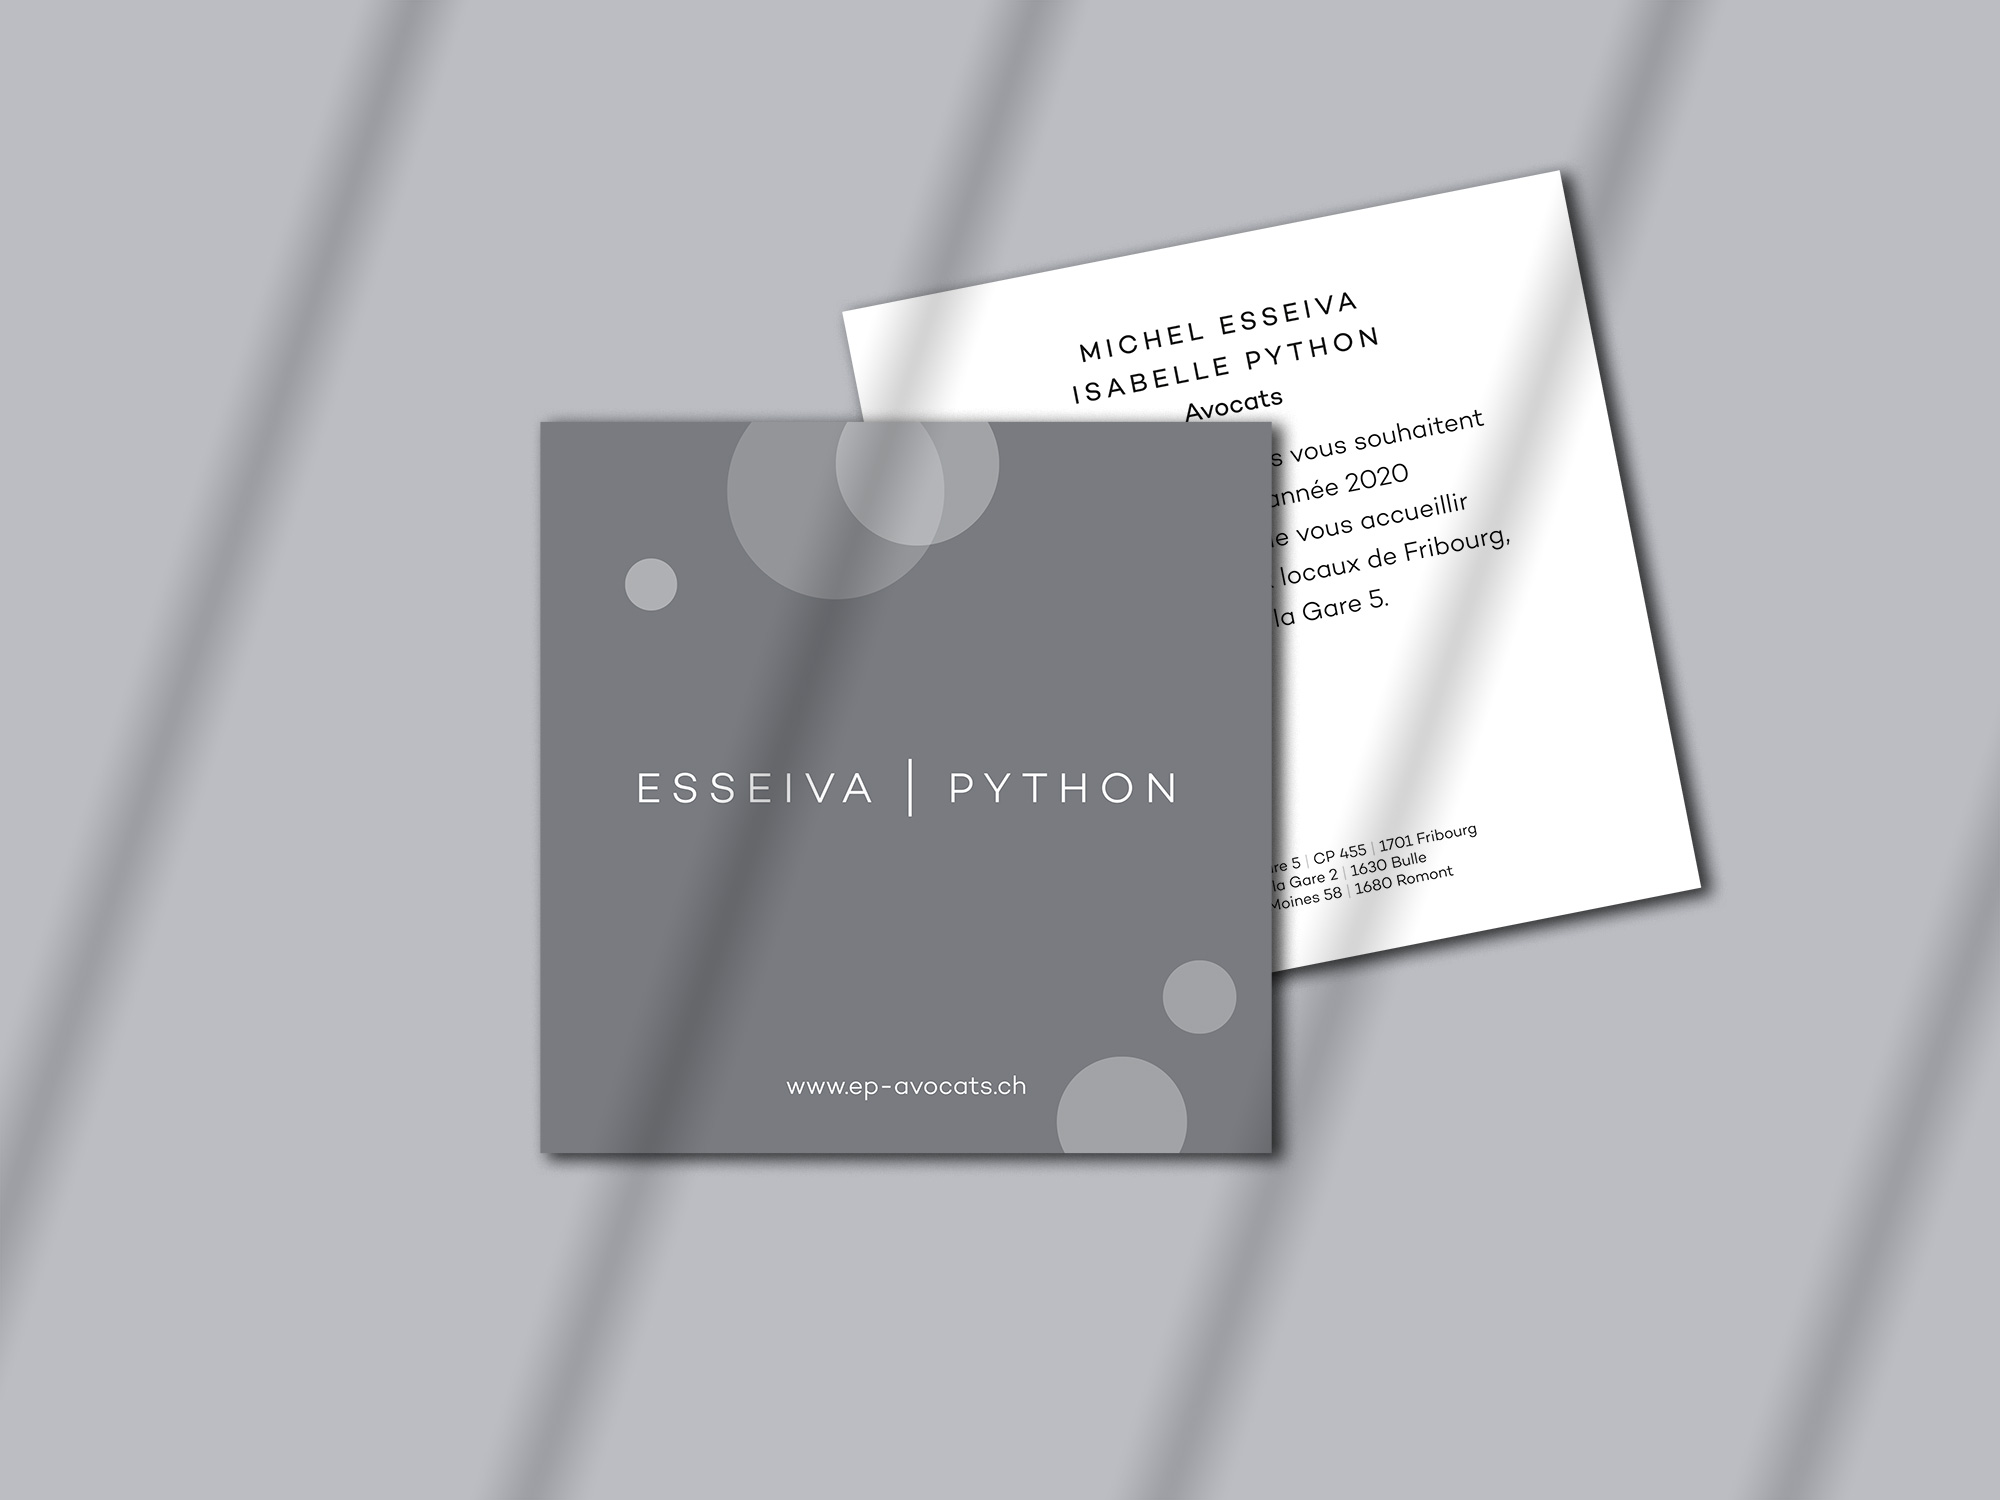 Étude Esseiva Python – Cartes de vœux – Réalisation Créambule Sàrl